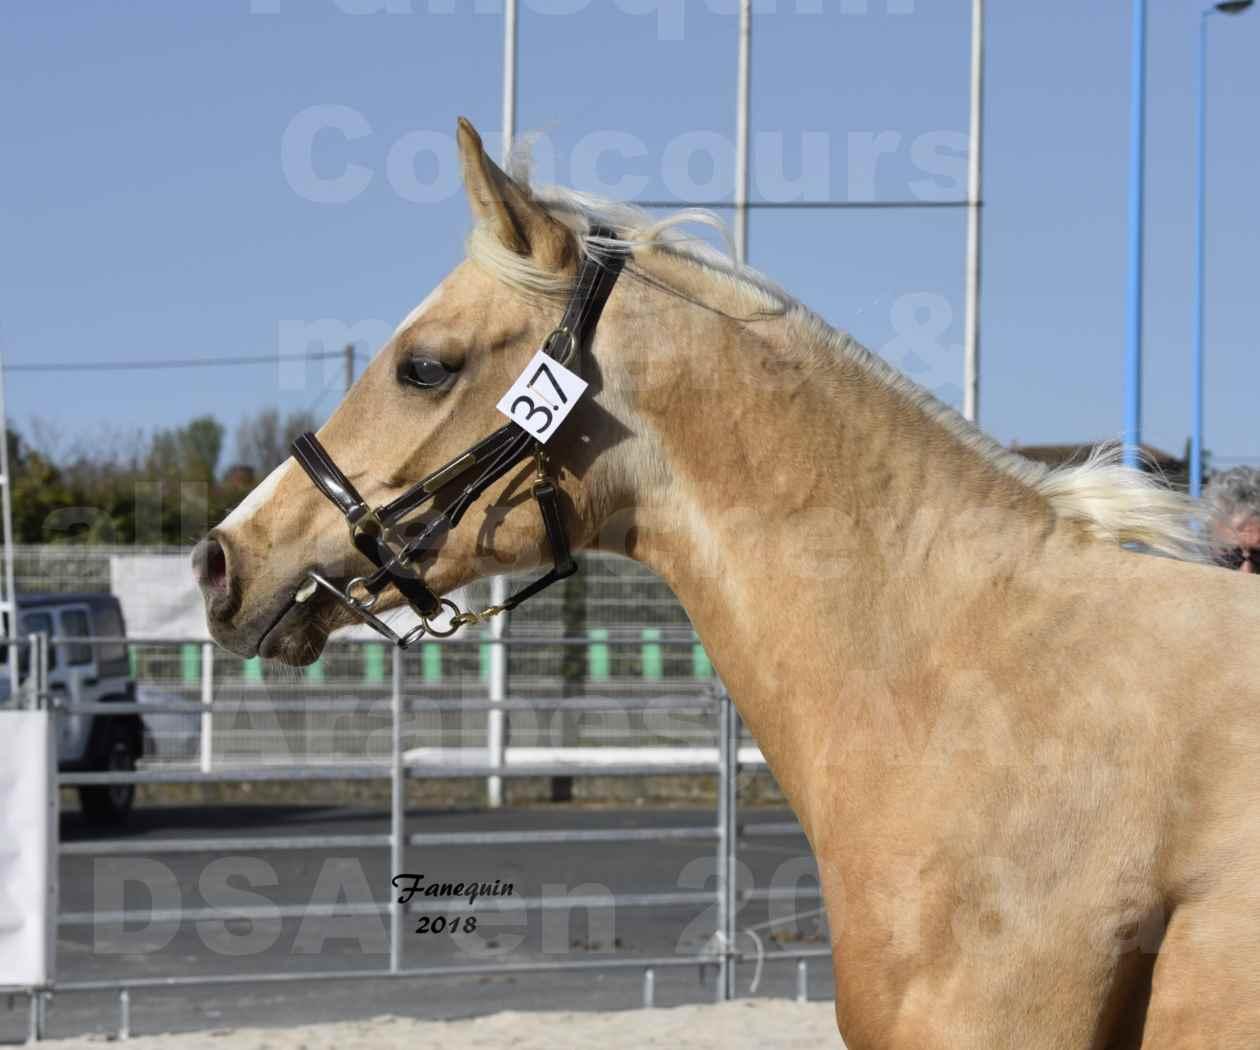 Concours d'élevage de Chevaux Arabes - D. S. A. - A. A. - ALBI les 6 & 7 Avril 2018 - GOLD DE DARRE - Notre Sélection - Portraits - 8